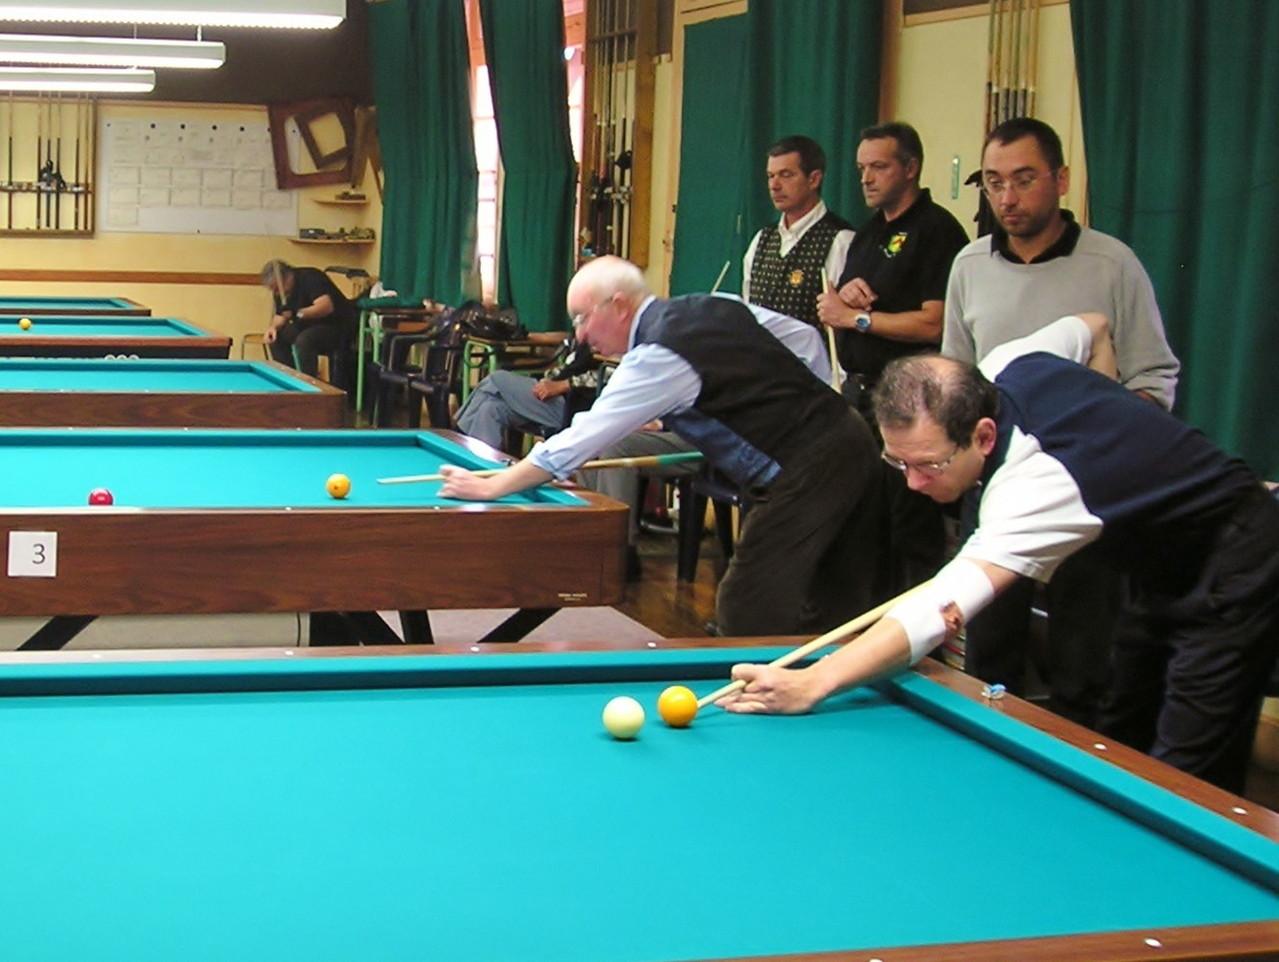 Des joueurs et des arbitres concentrés